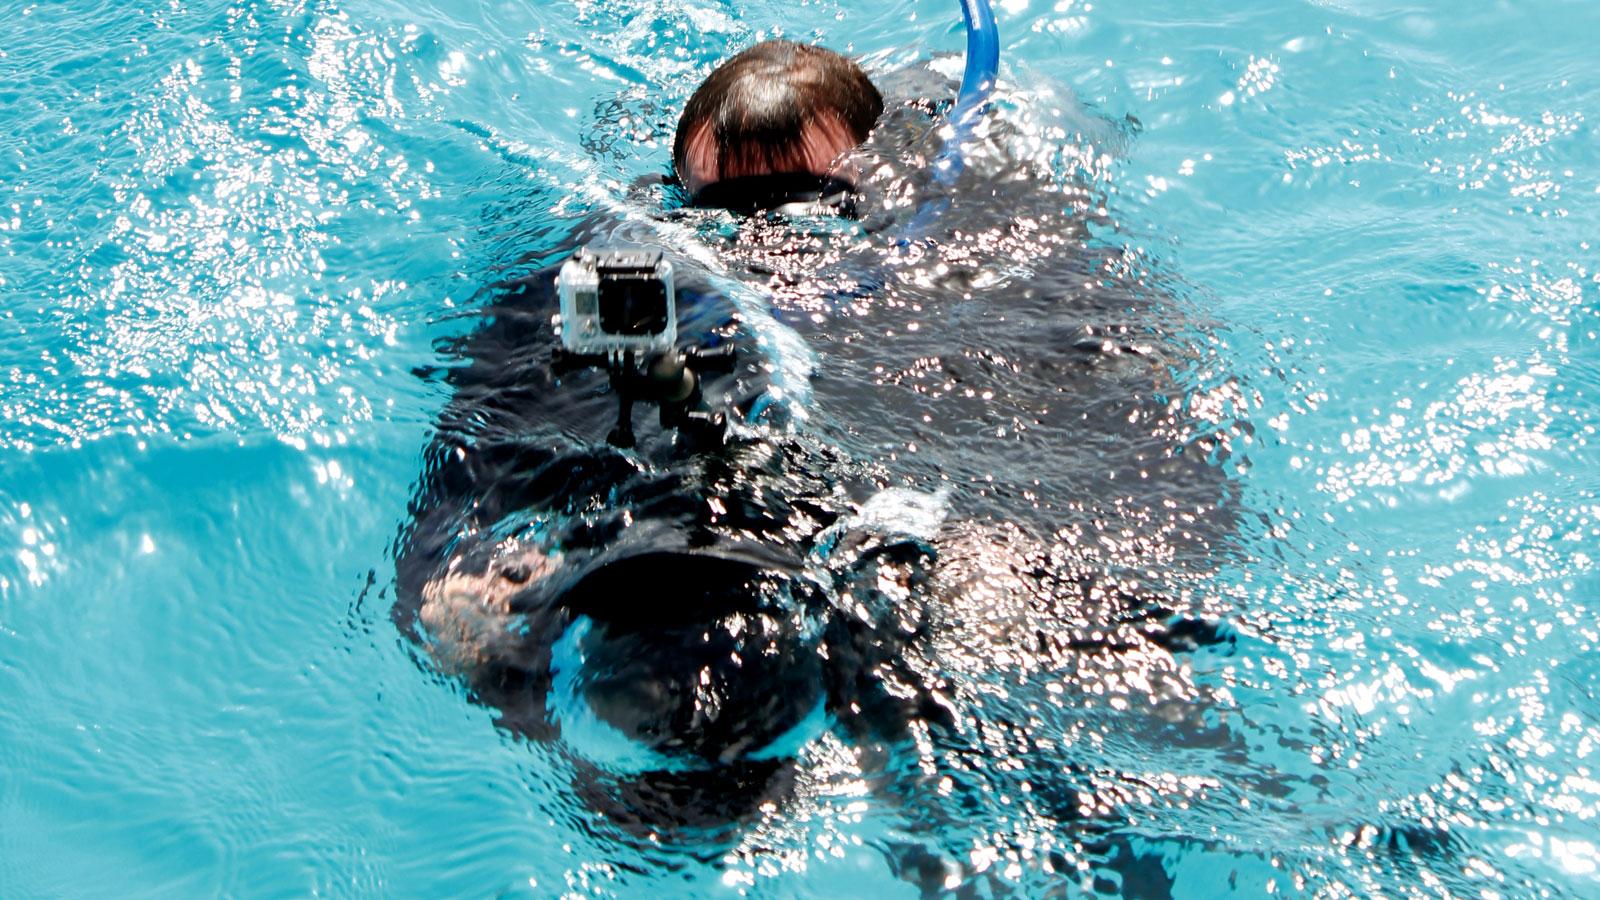 Professionella Aufnahmen für die Delfin-Dokumentation